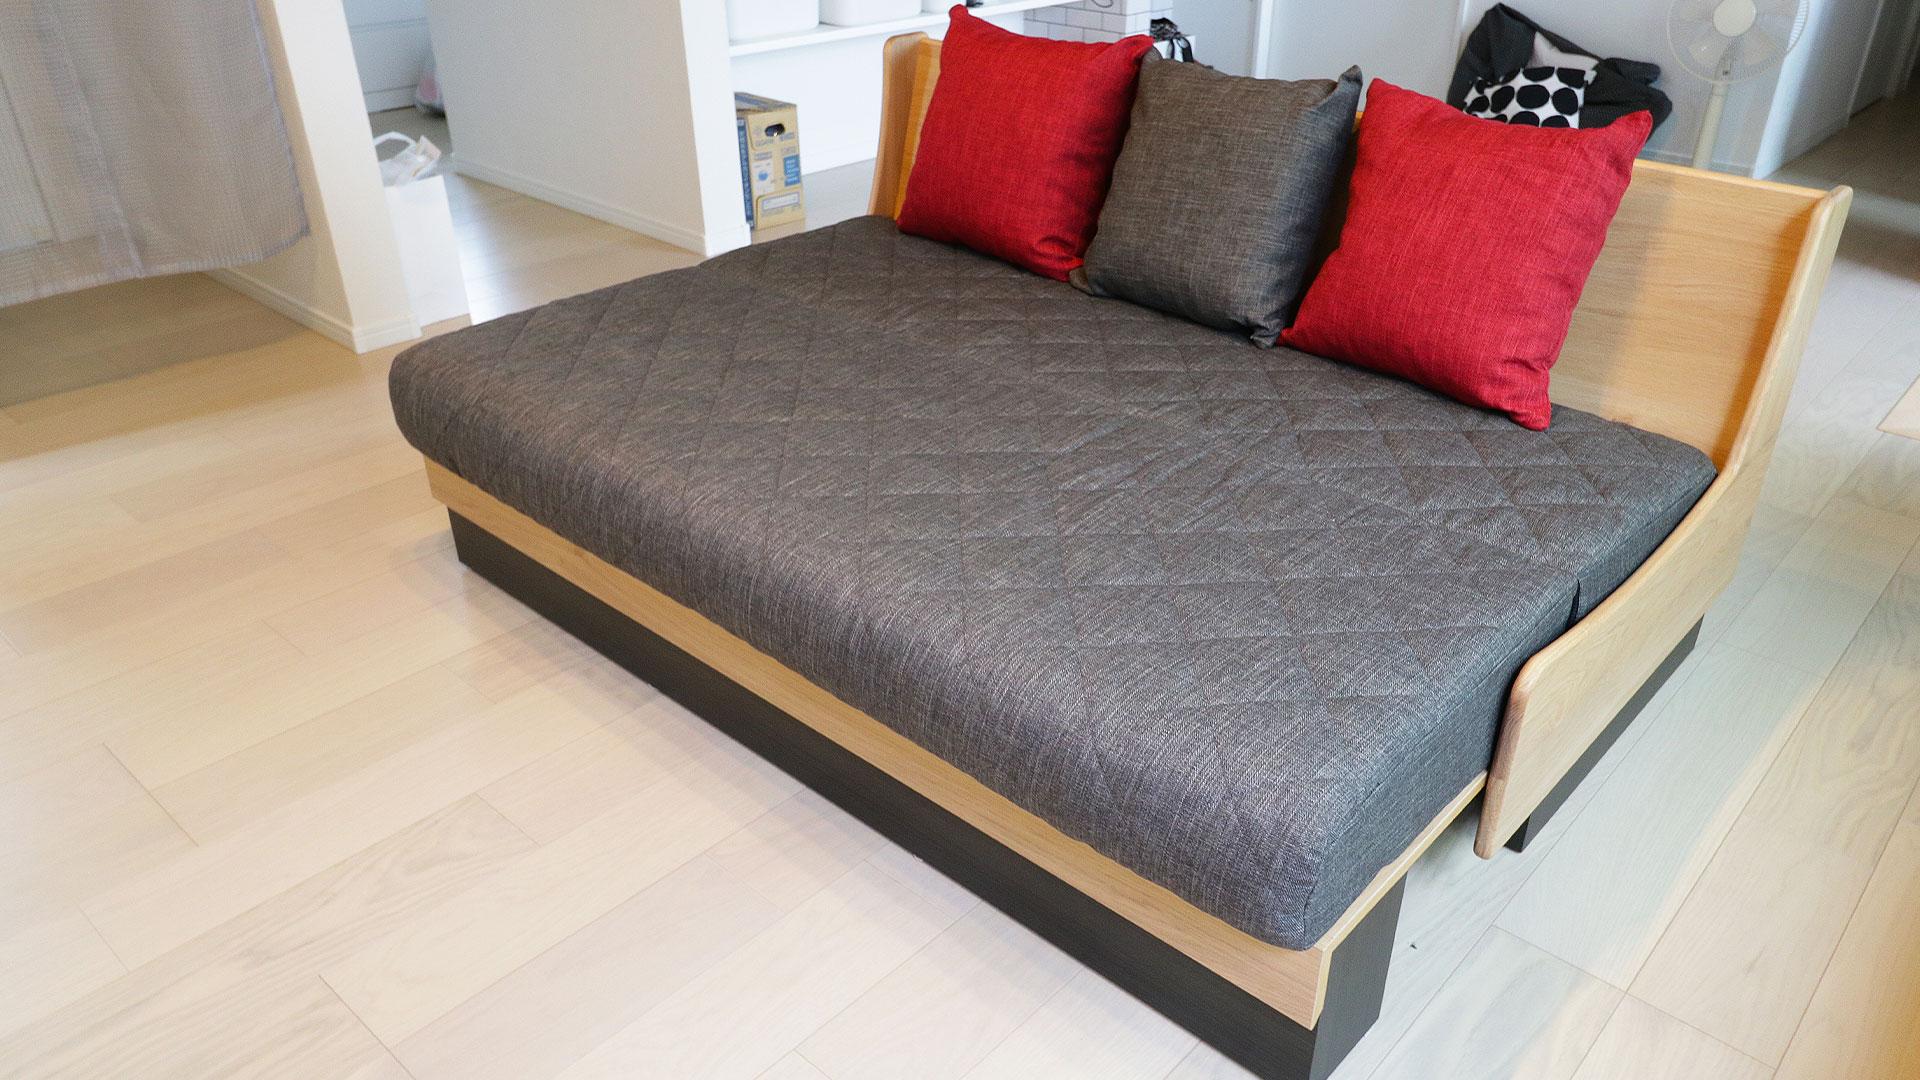 モーブルの横幅160㎝のドロシー。本体の色がNA色でクッションがダークグレーのソファ。座面を広げてベッドの状態にした時の写真